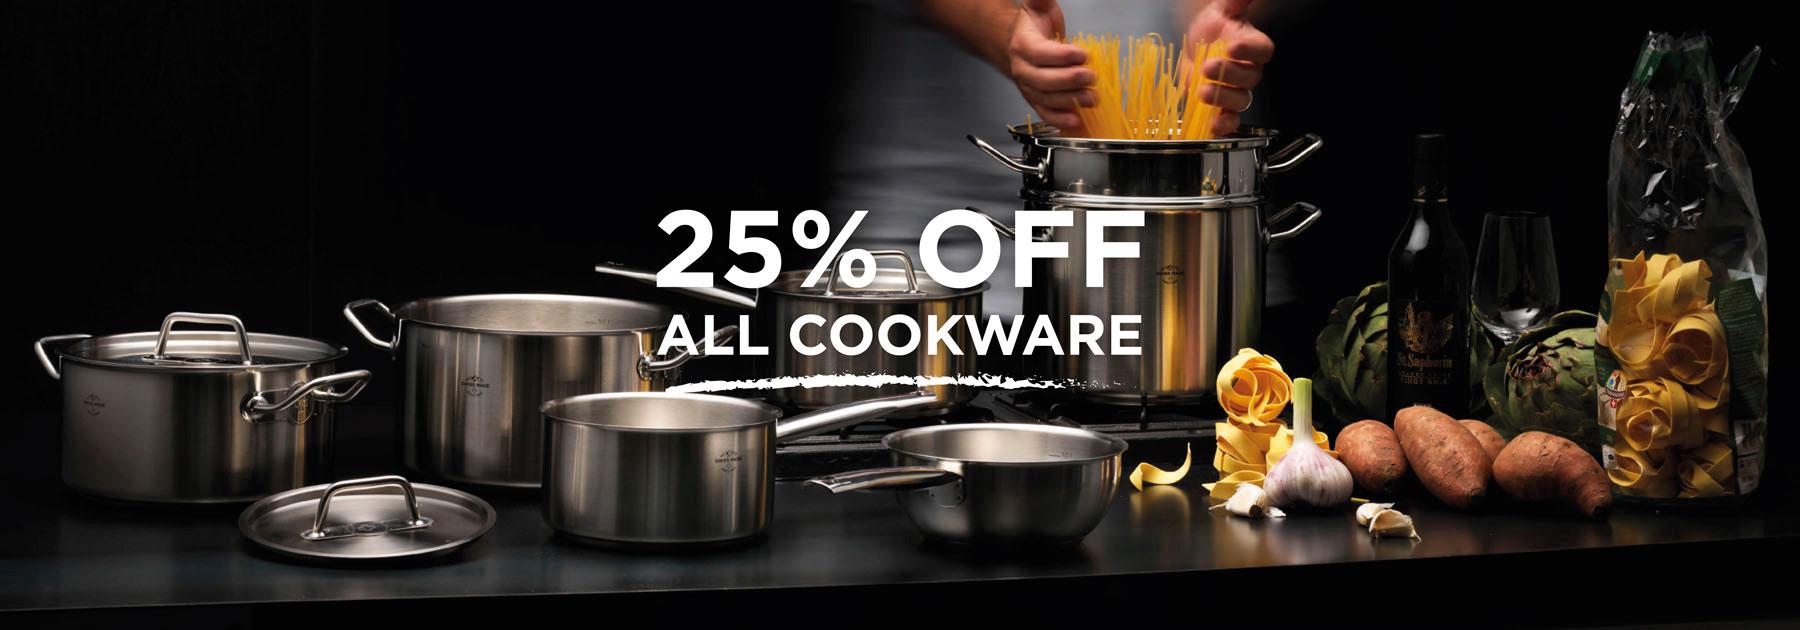 christmas, sale cooking, entertaining, saucepans, casseroles, pots, pans